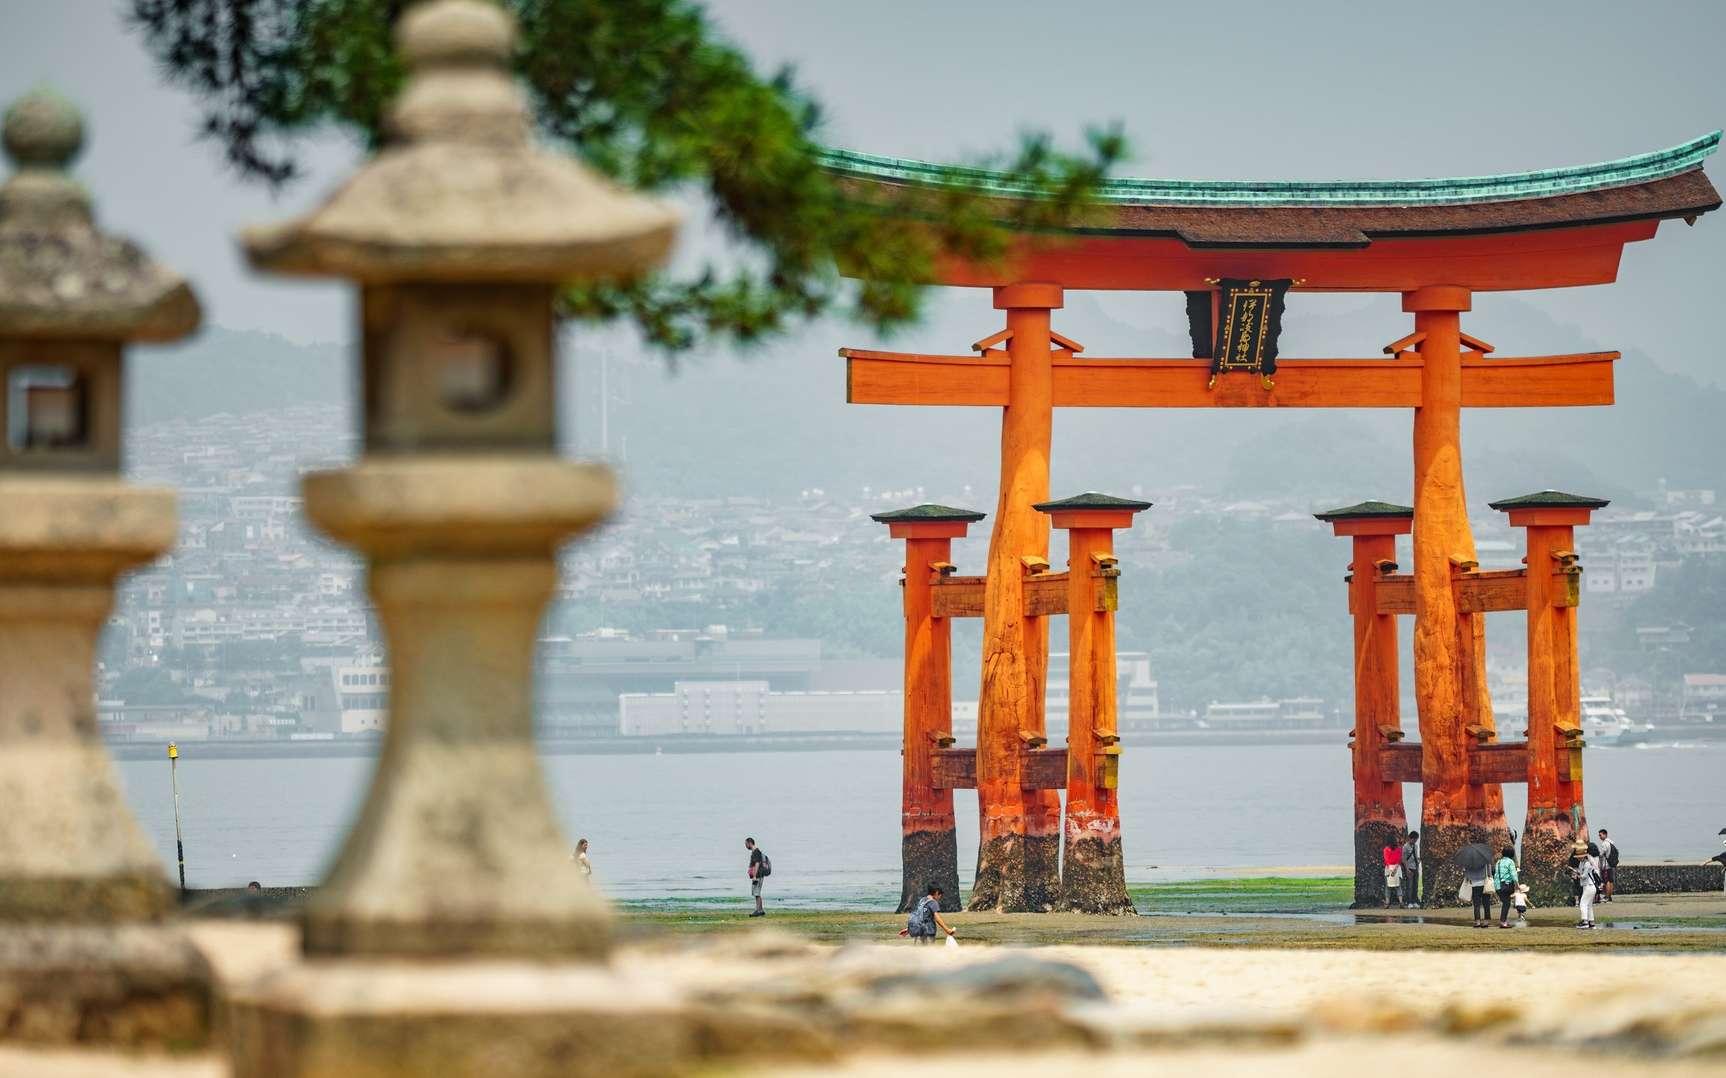 Le sanctuaire d'Itsukushima se trouve dans la baie d'Hiroshima. © F.C.G., Fotolia